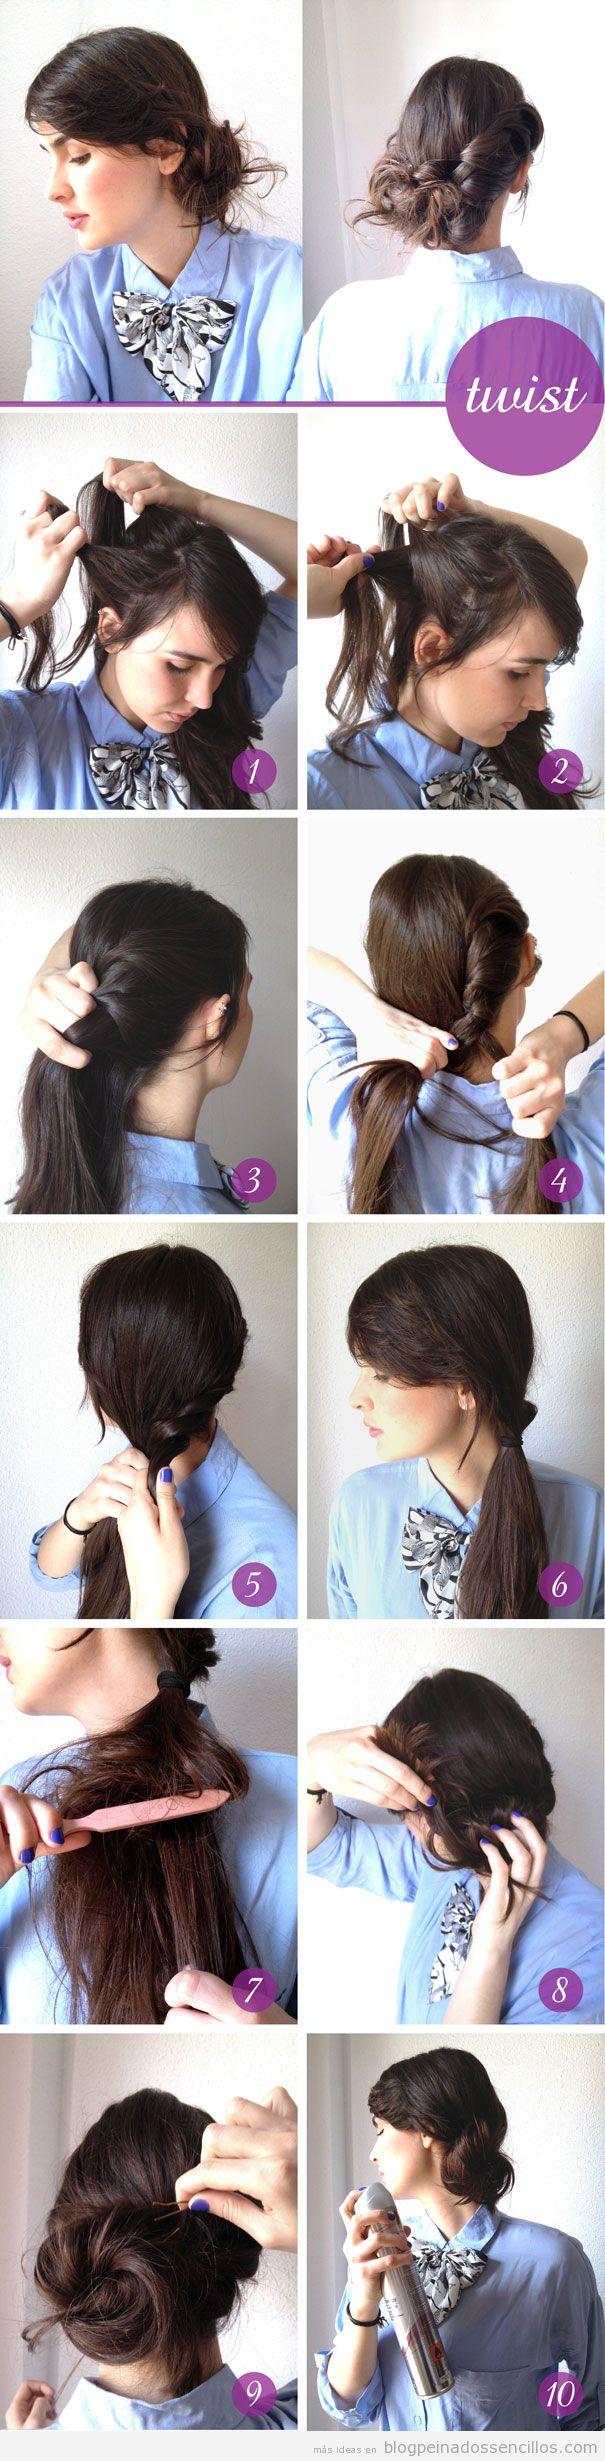 Tutorial para aprender a hacer un peinado recogido twist en el lateral